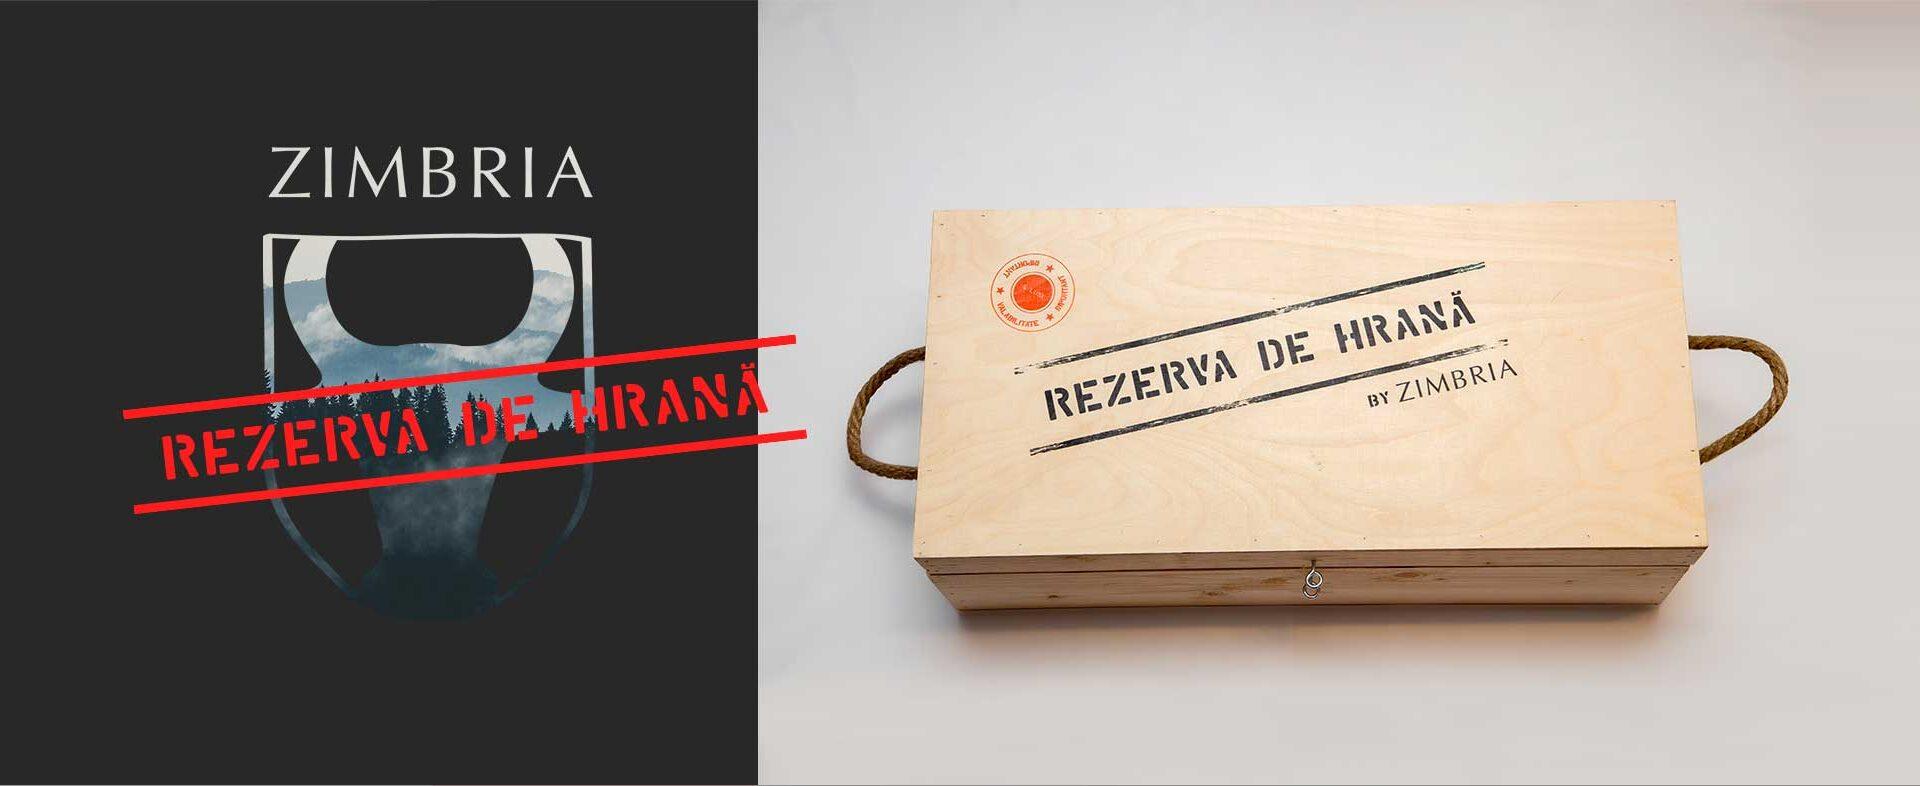 Rezerva_de_Hrana_Zimbria_RDH_banner